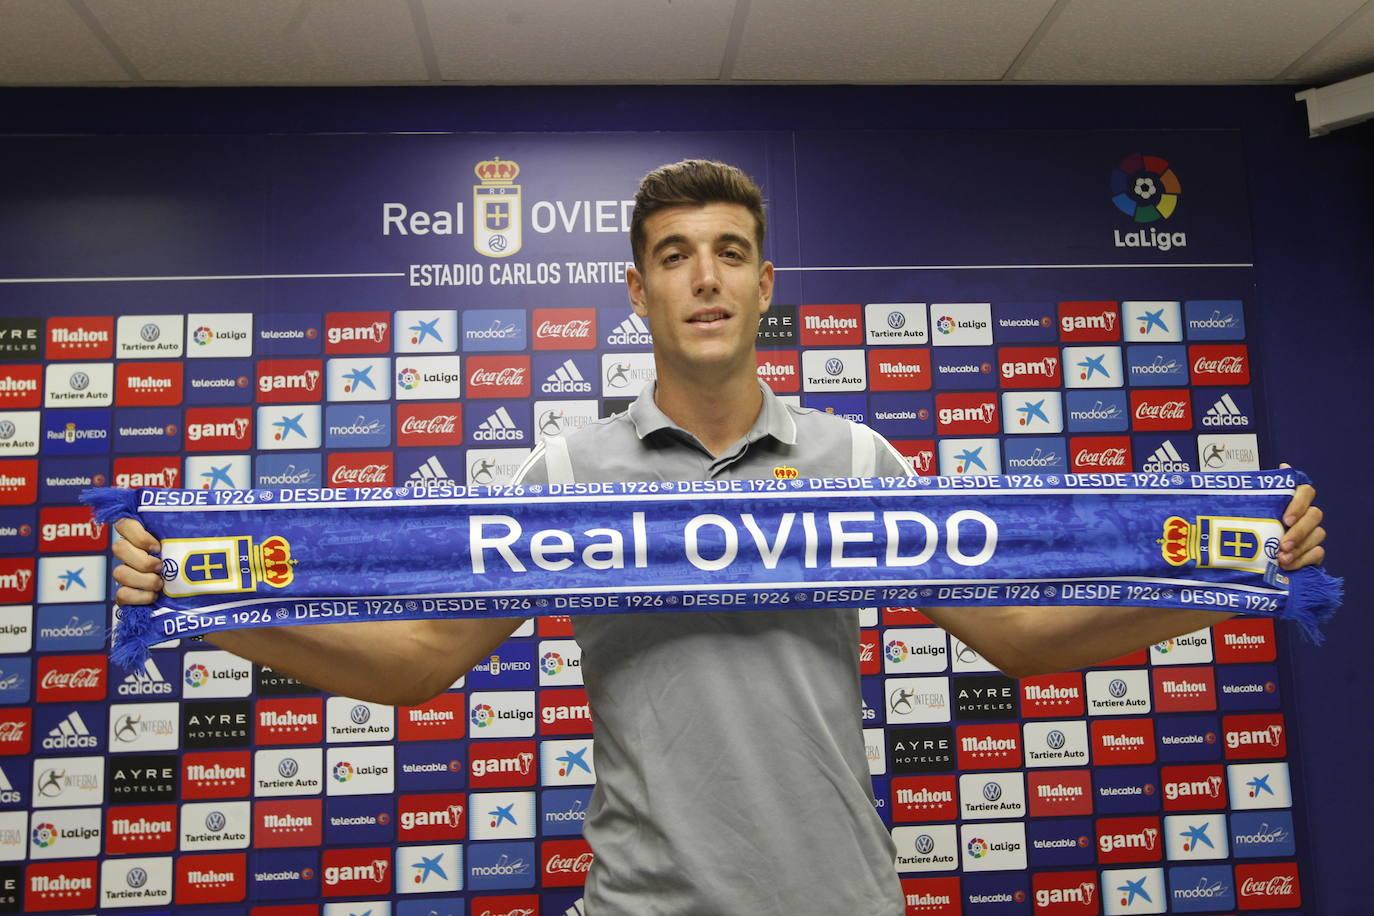 Real Oviedo | Javi Fernández se ofrece a jugar por la derecha o la izquierda